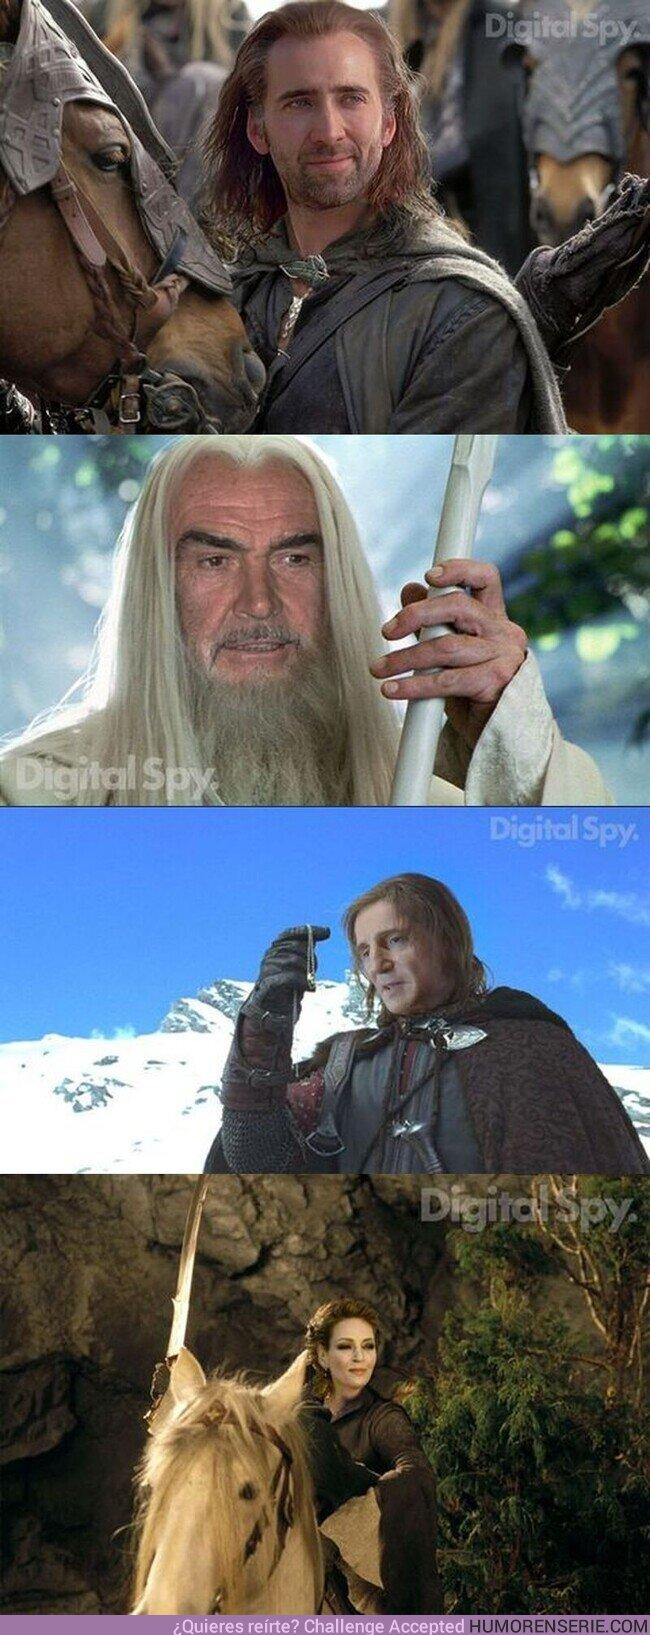 53557 - Así habría sido el cast de The Lord of the Rings si los actores a los que les propusieron el papel hubieran dicho que sí. , por @MultiversoTM